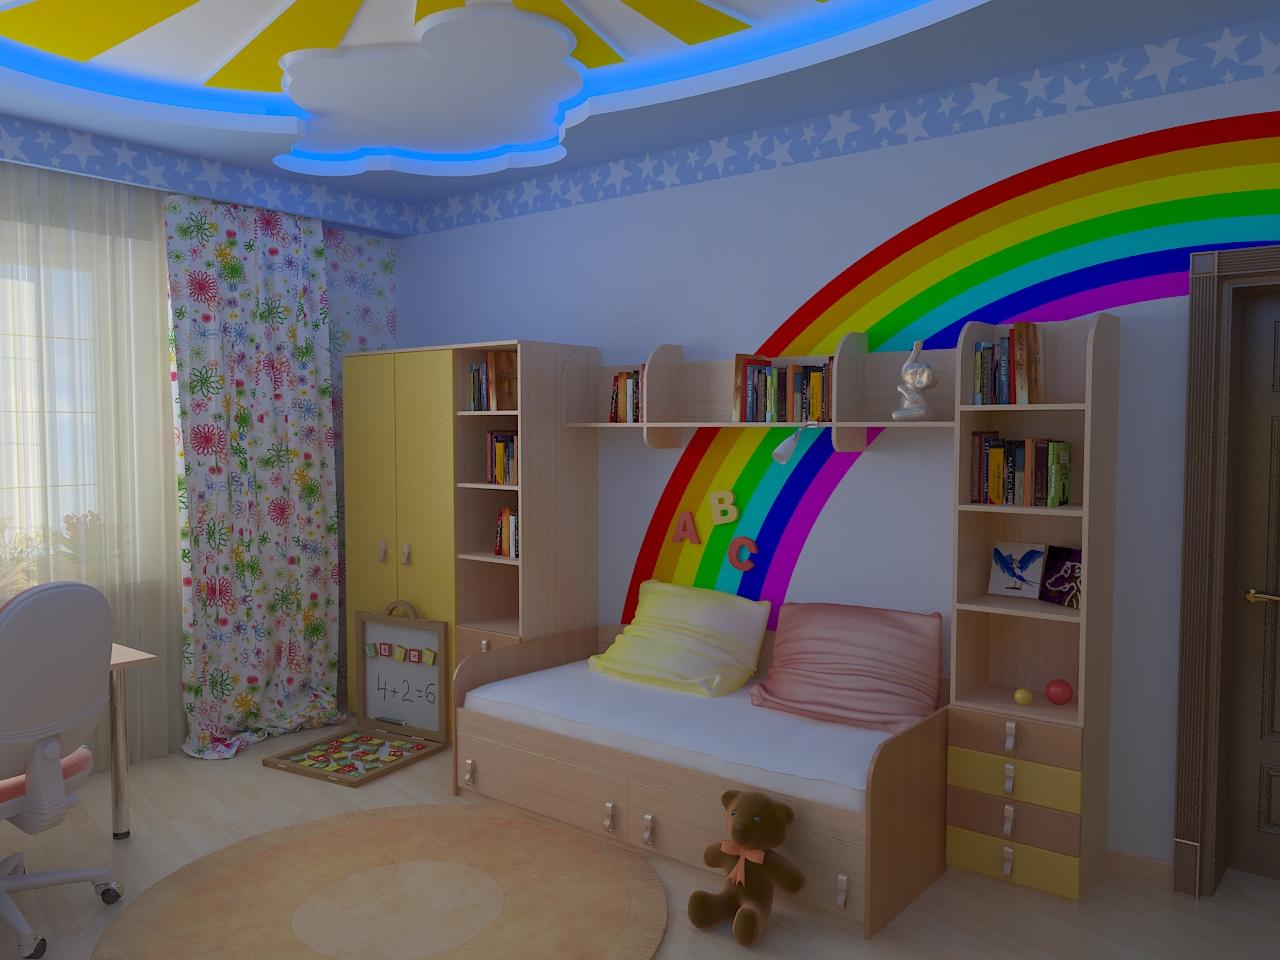 Дизайн детской комнаты для девочки - фото и рекомендации.